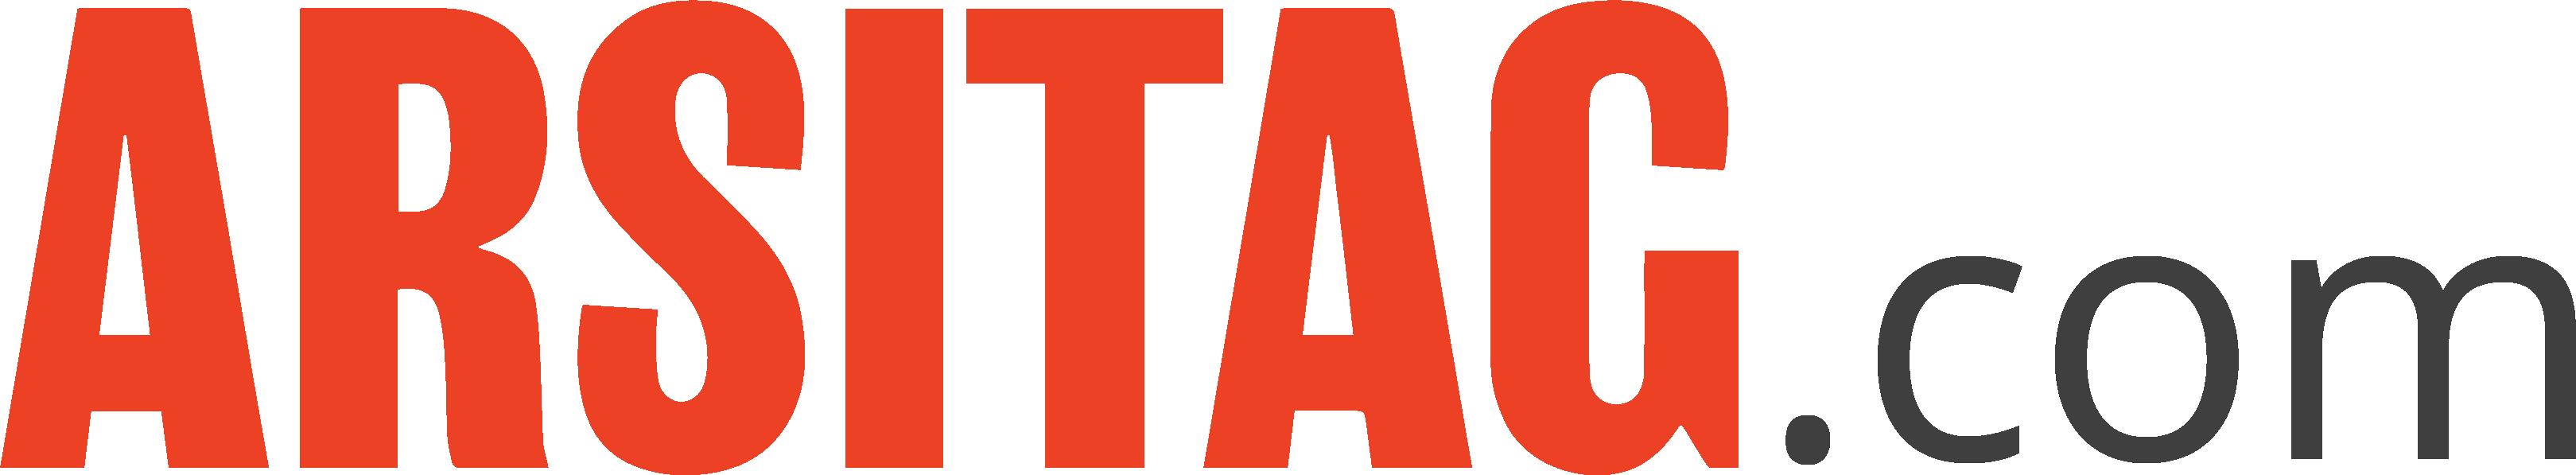 Arsitag.com